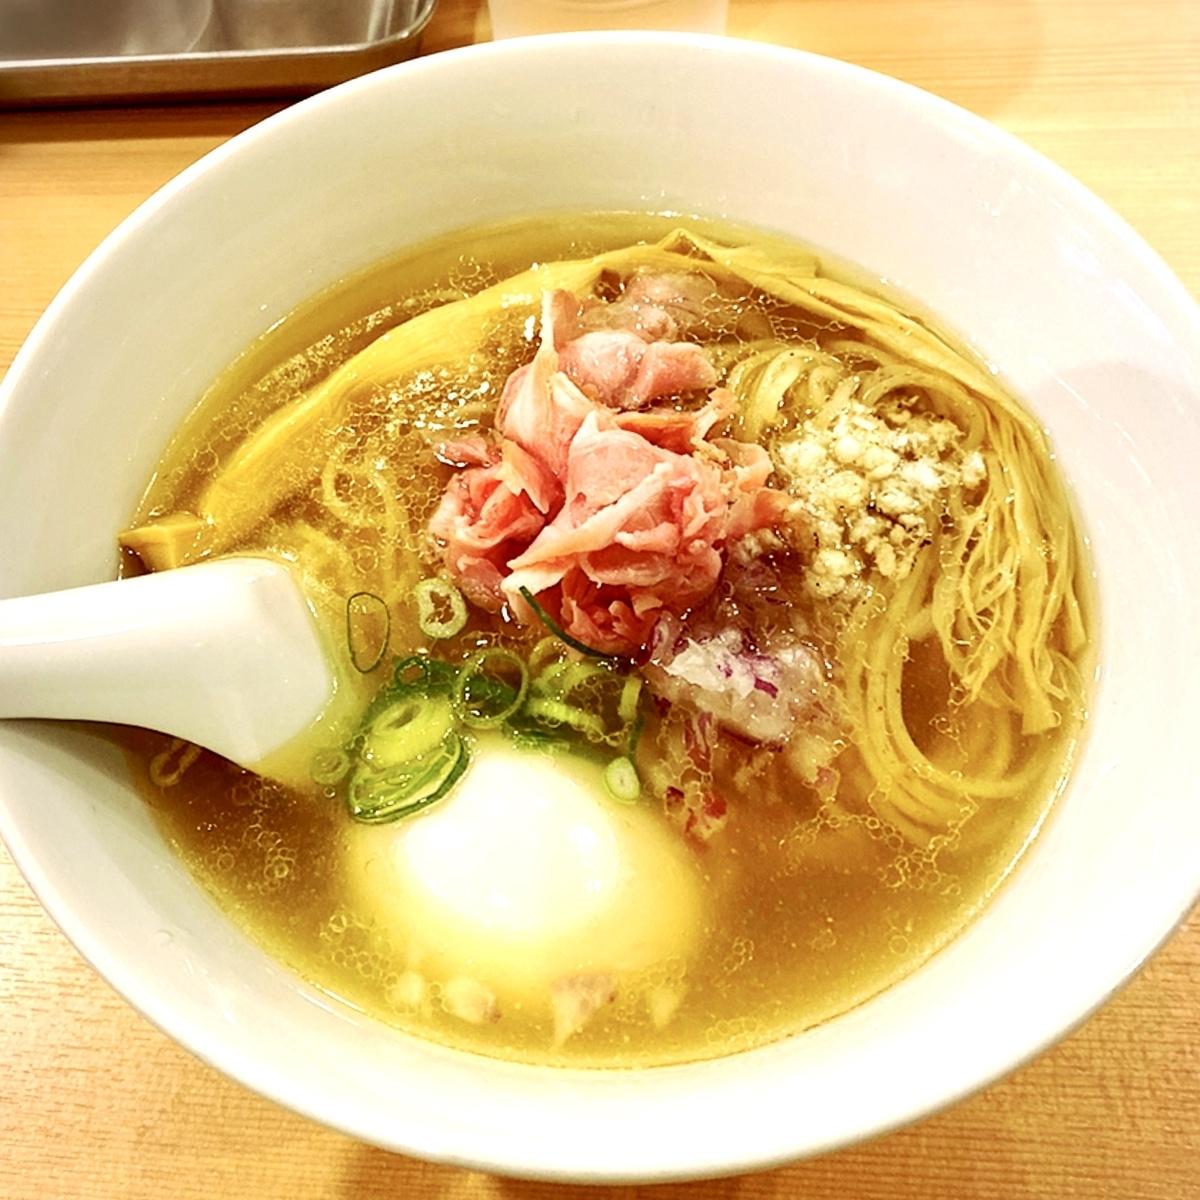 【新宿】金色に輝く上品なスープがたまらない!鯛だしラーメンがいただけるお店